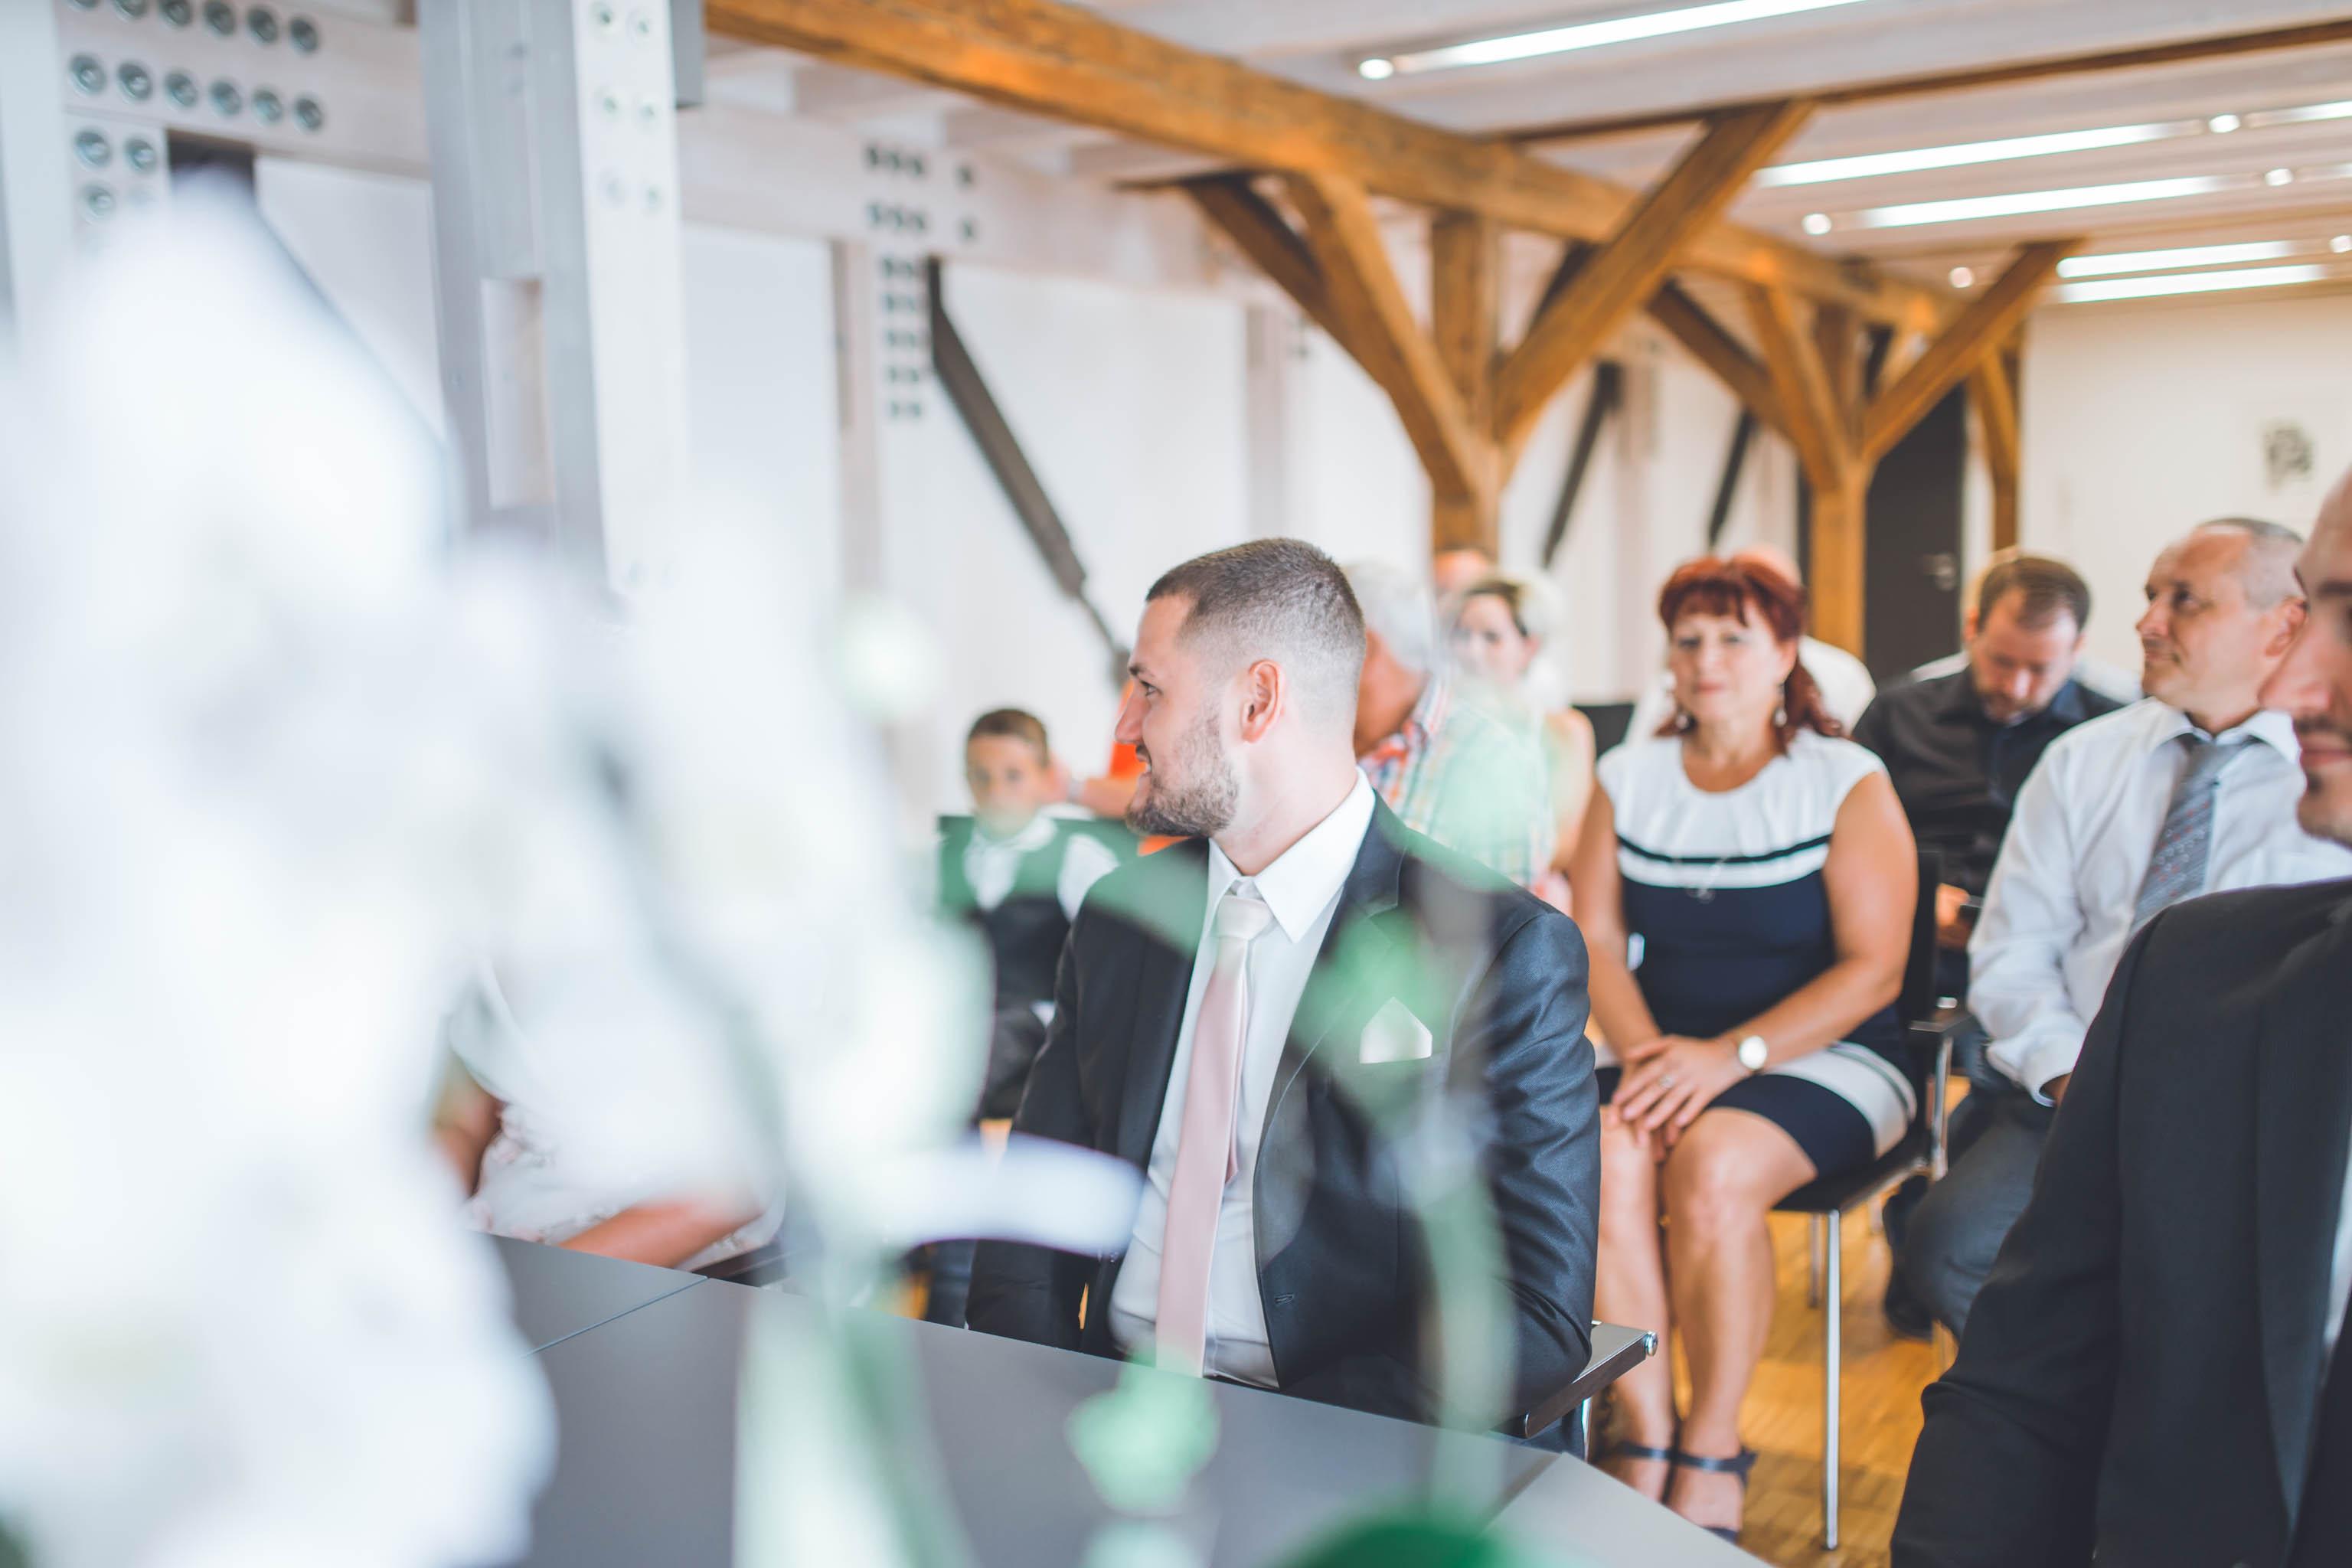 Hochzeitsfotograf Ulm-Hüttisheim-48